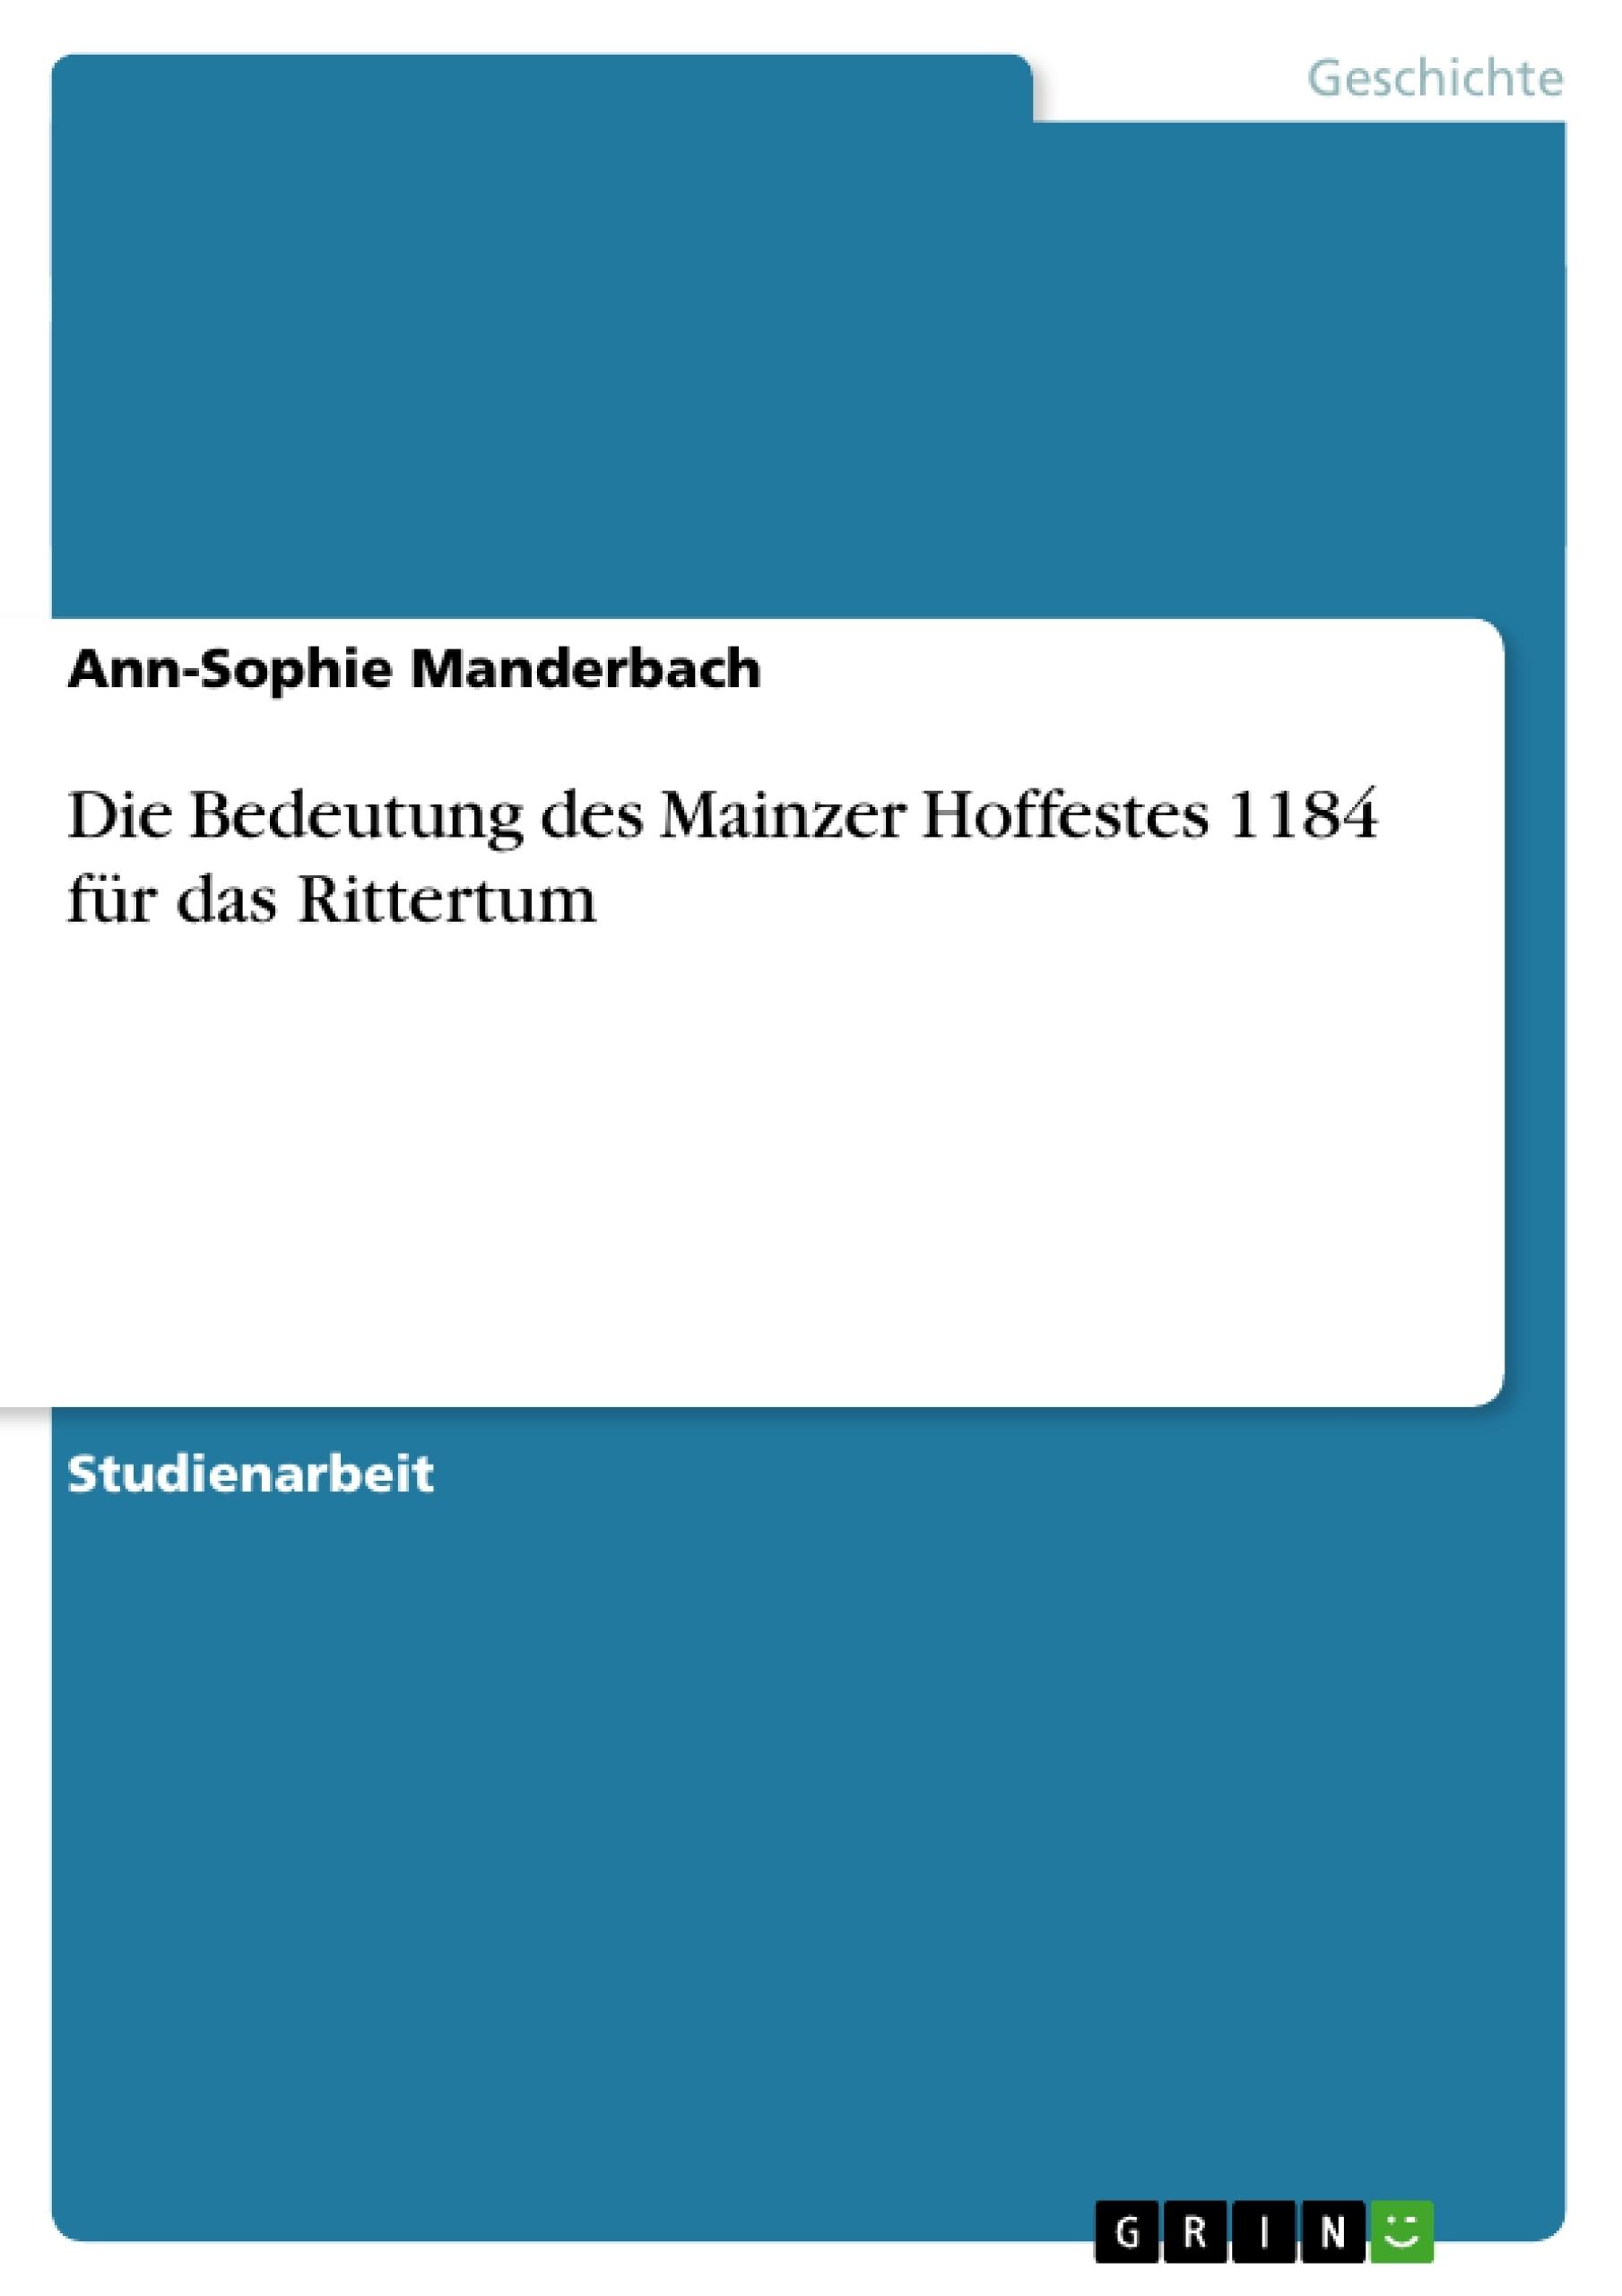 Titel: Die Bedeutung des Mainzer Hoffestes 1184 für das Rittertum